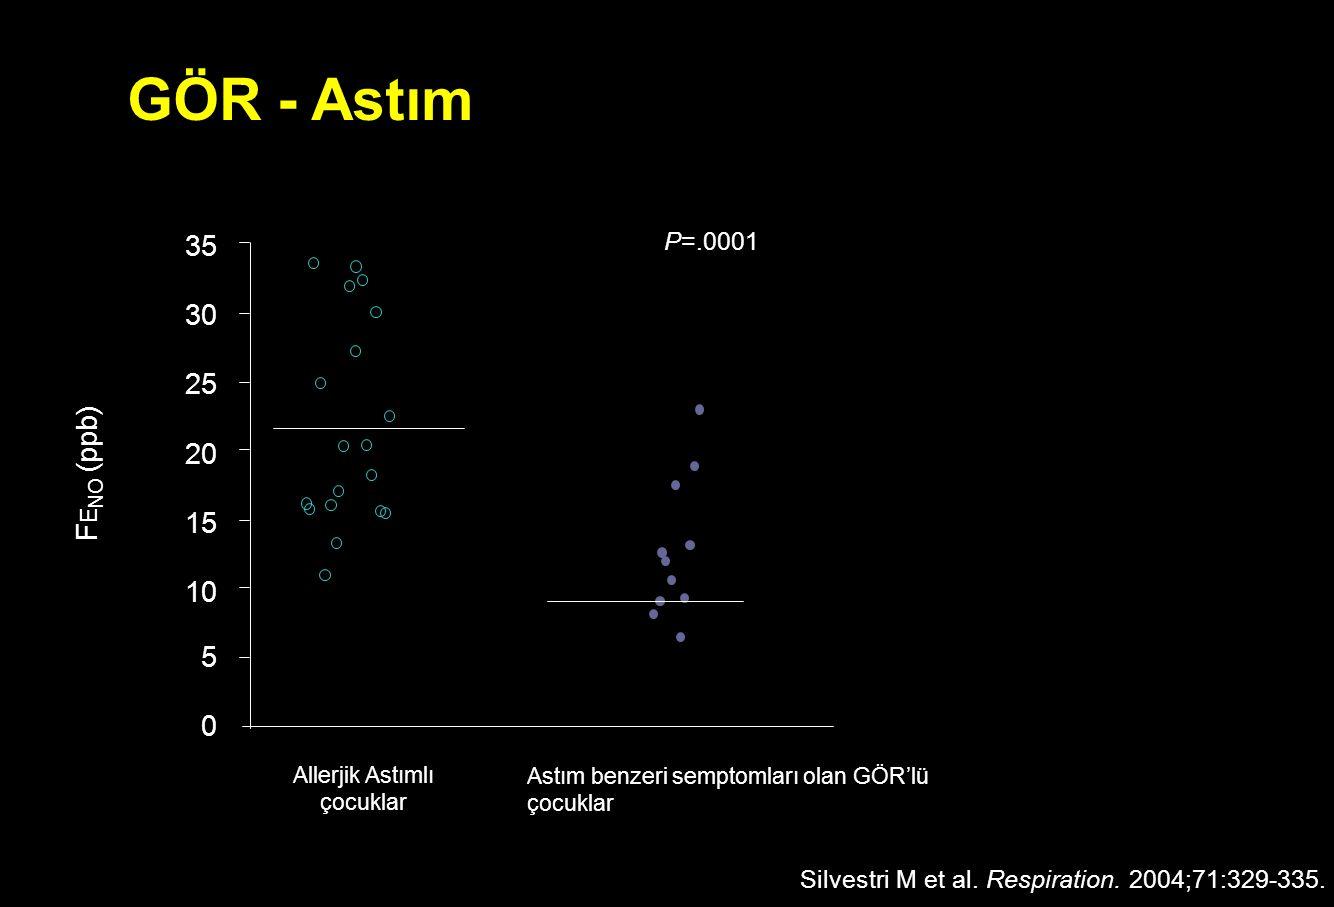 GÖR - Astım Silvestri M et al. Respiration. 2004;71:329-335. Astım benzeri semptomları olan GÖR'lü çocuklar Allerjik Astımlı çocuklar F E NO (ppb) 20